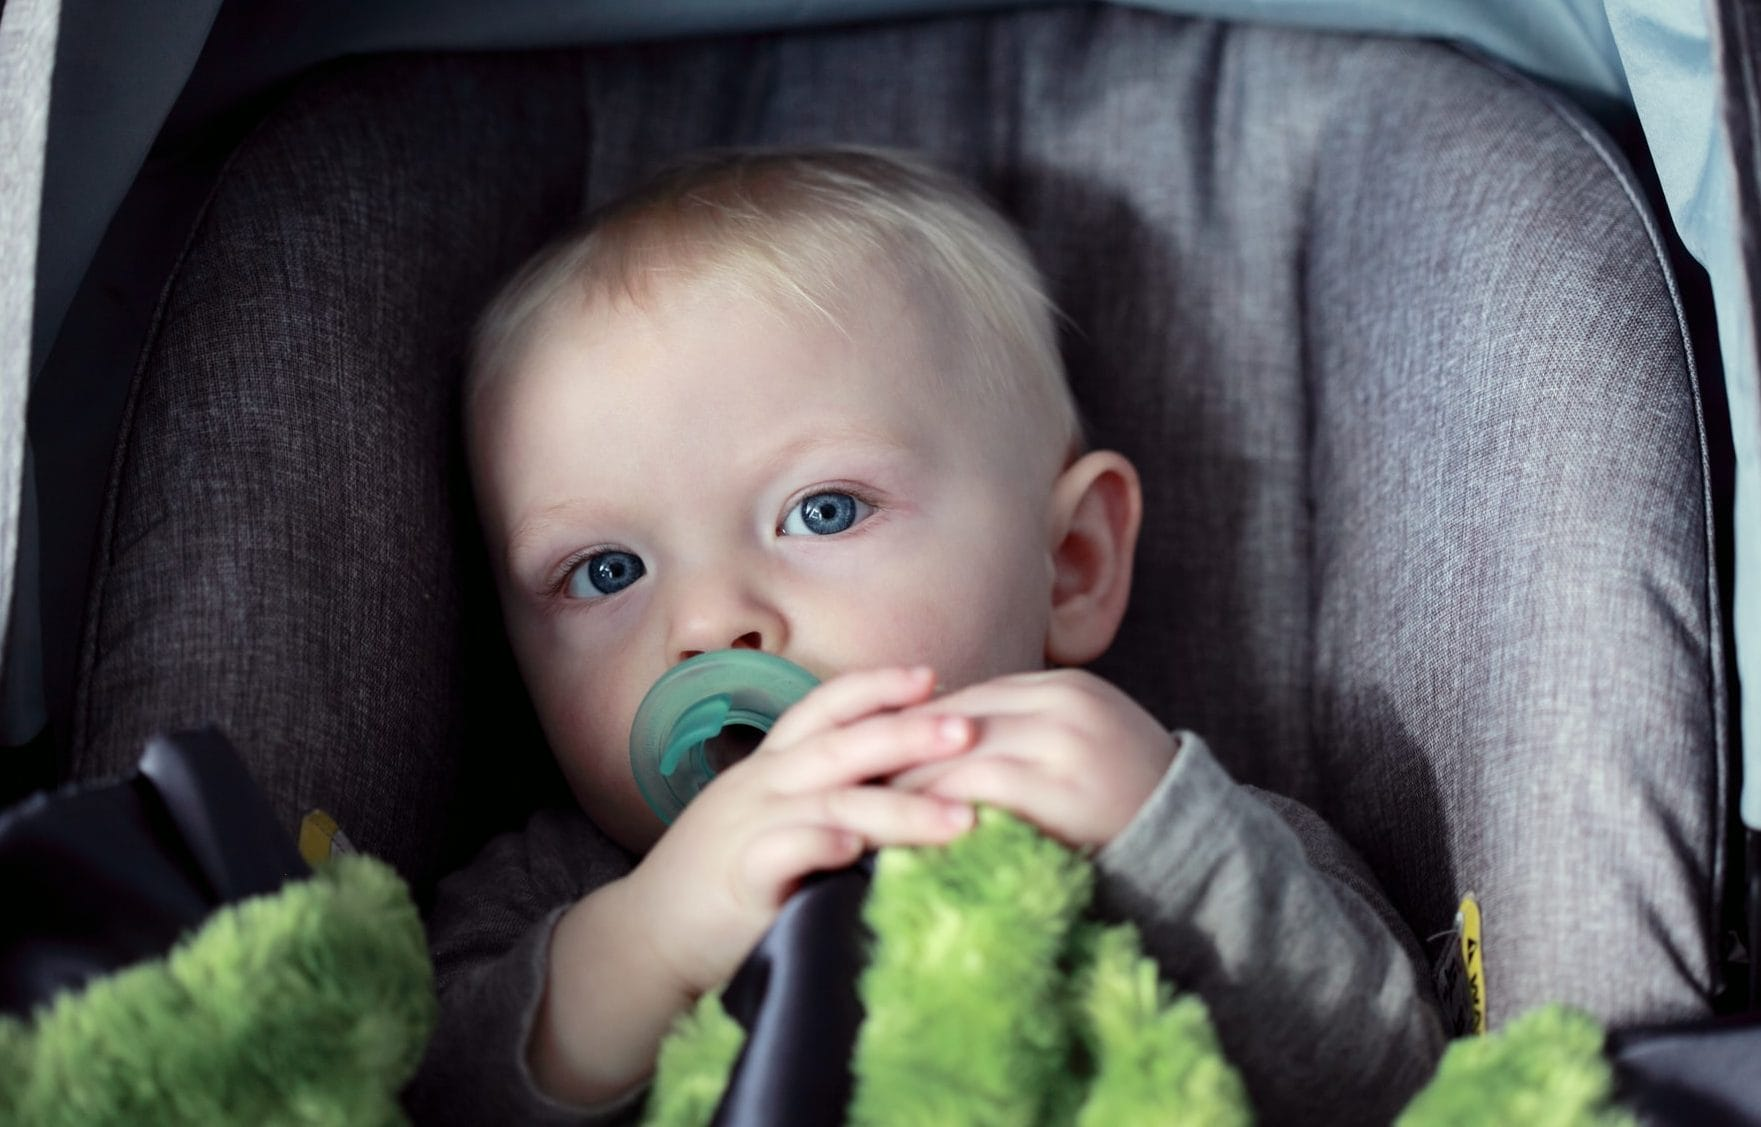 Kindje met groen truitje in autostoel, vooraanzicht